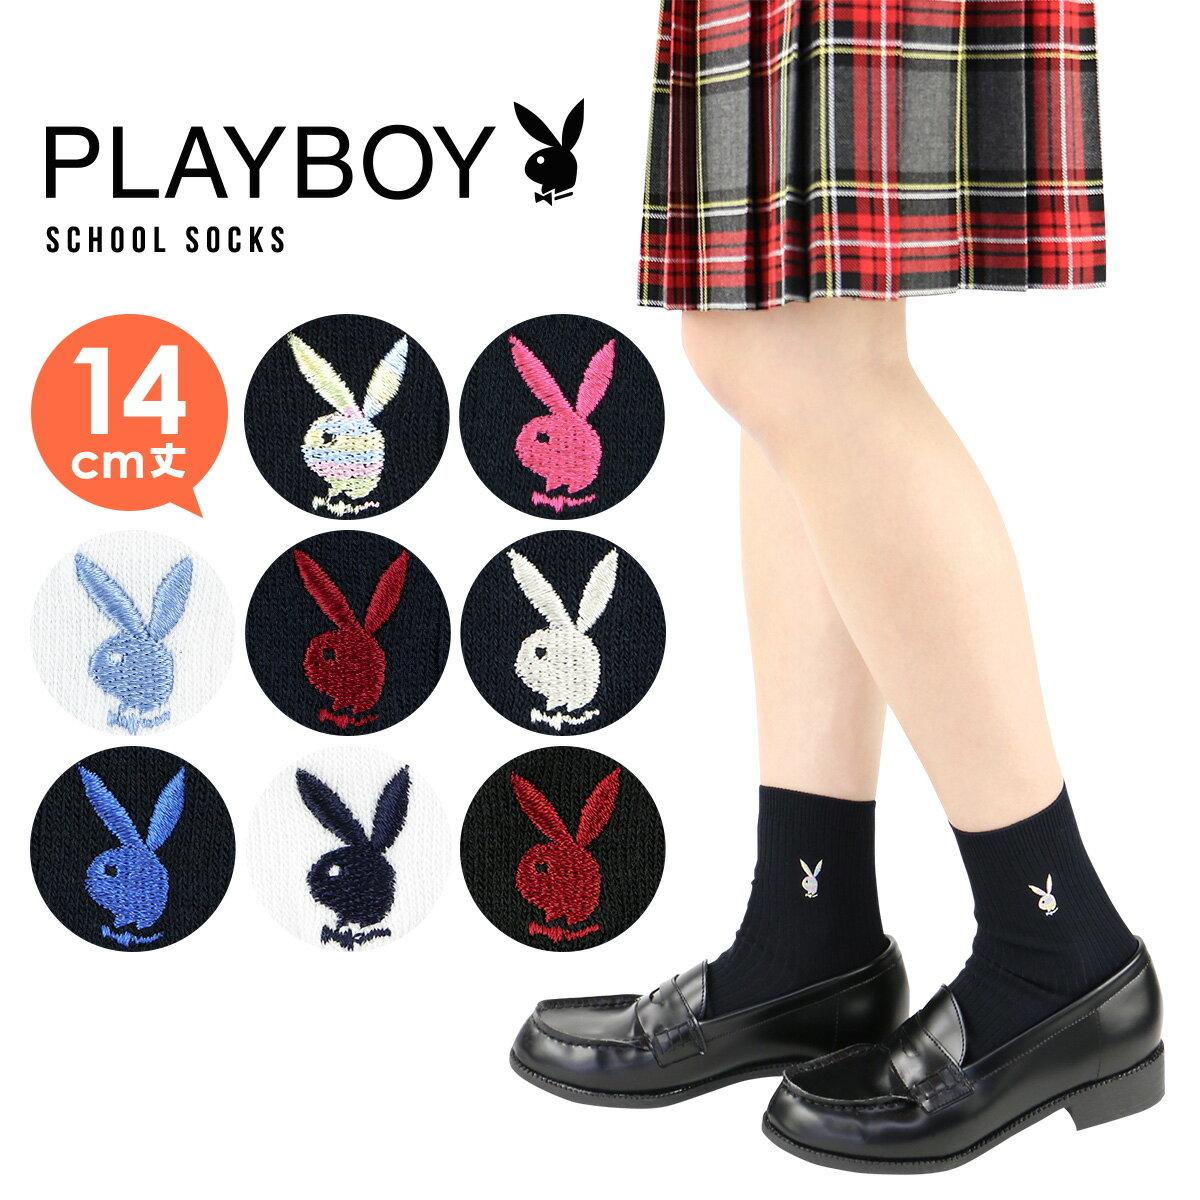 PLAYBOY (プレイボーイ) 14cm丈 スクールソックスワンポイント 両面刺繍入り リブ レディス クルーソックス 靴下 3737-350母の日 無料ラッピング ポイント10倍